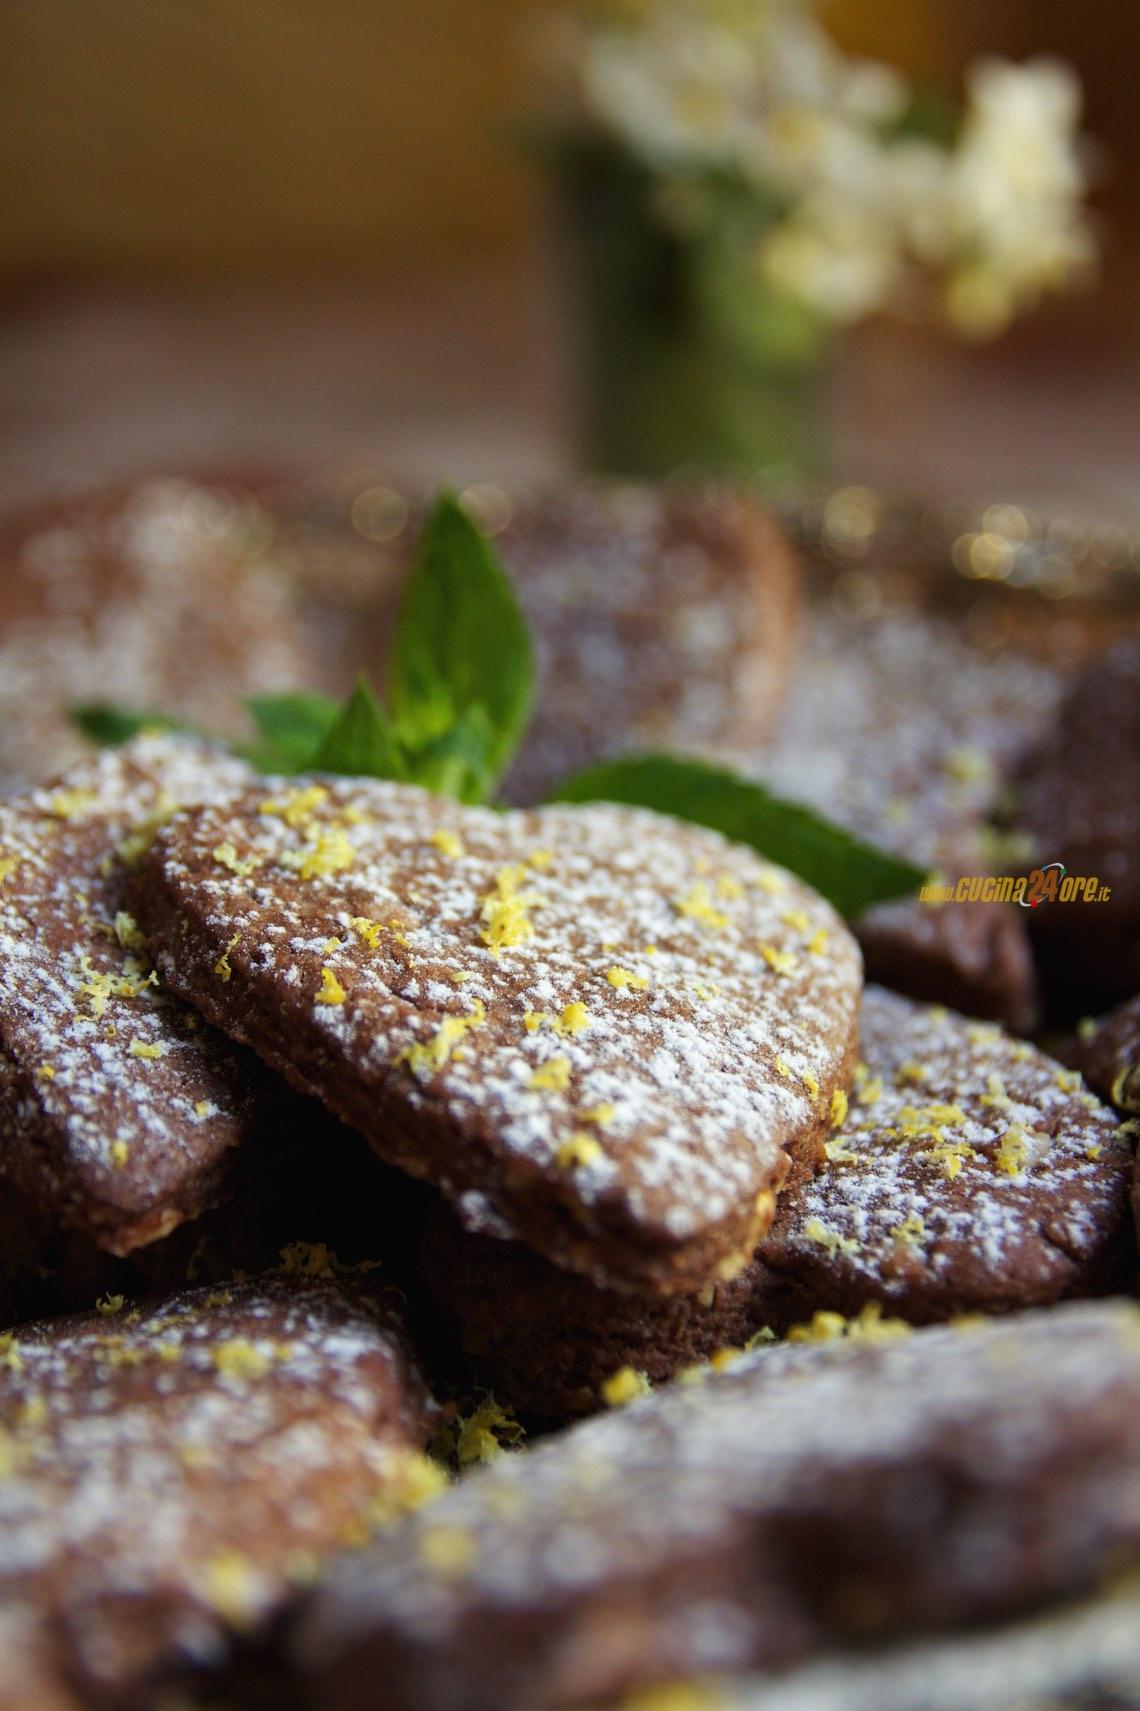 Biscotti Al Cacao e Noci – Colazione Sana Dei Nostri Bimbi